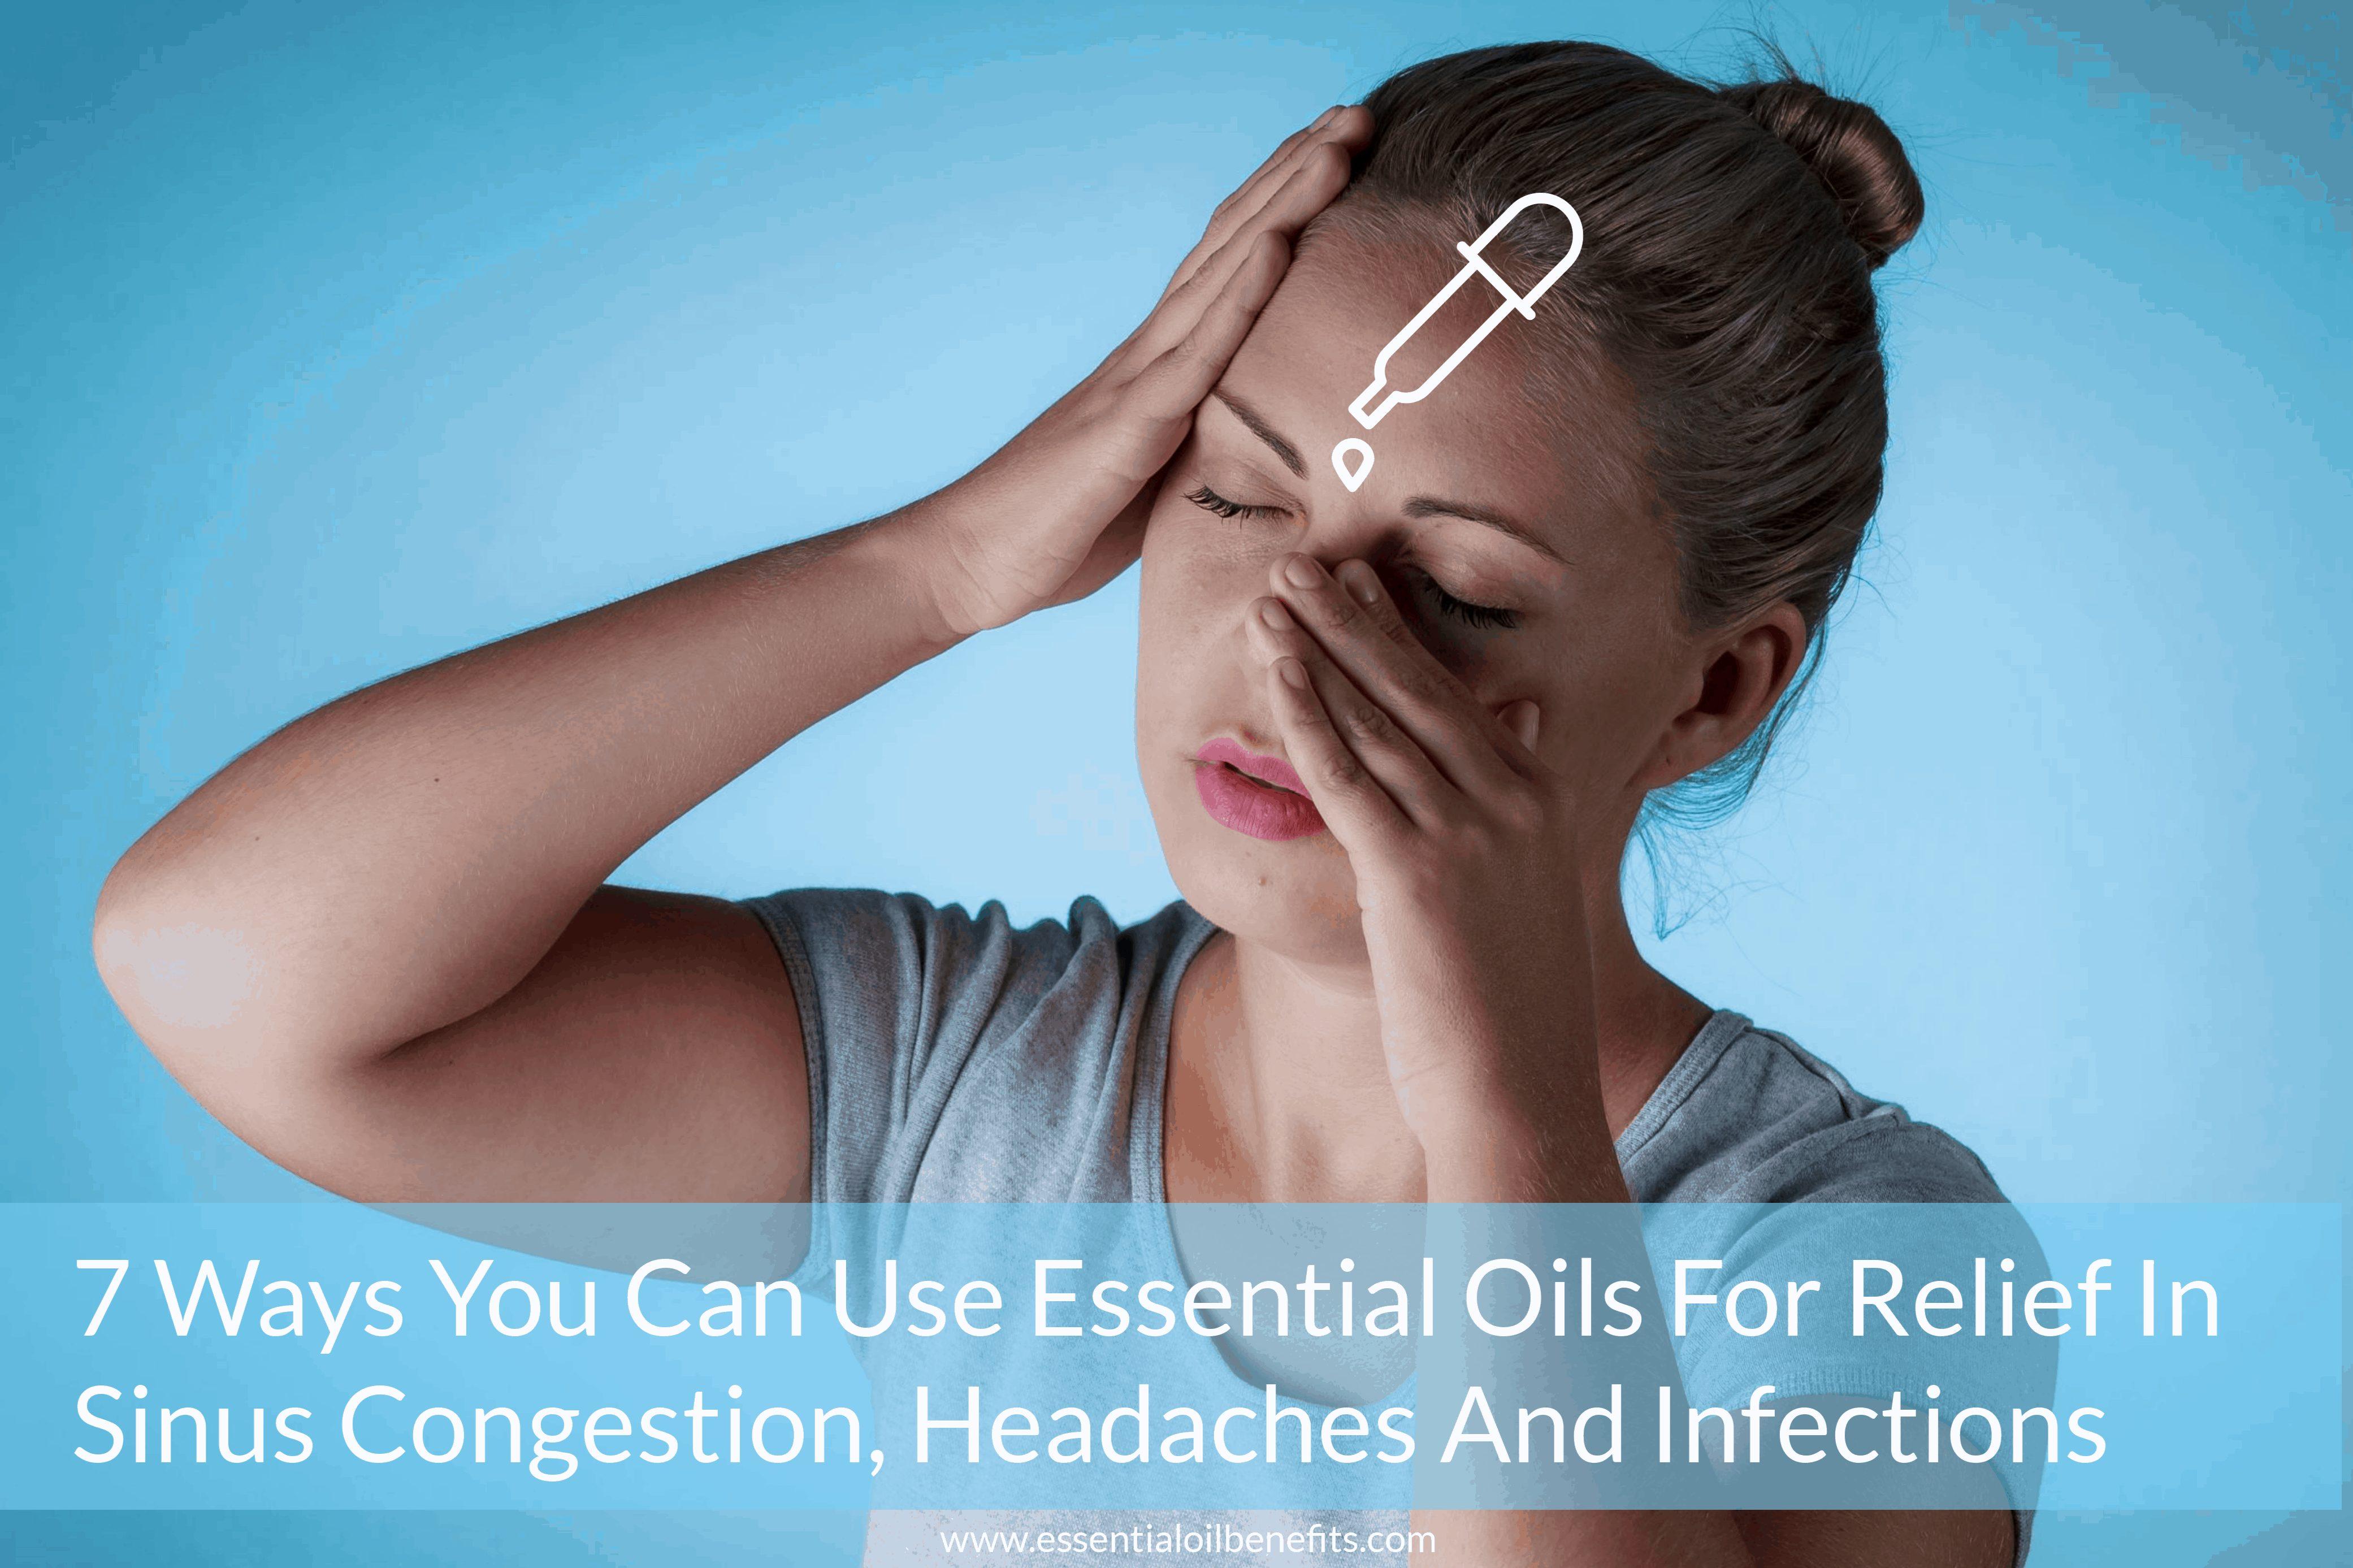 7 façons d'utiliser les huiles essentielles pour soulager la congestion des sinus, les maux de tête et les infections